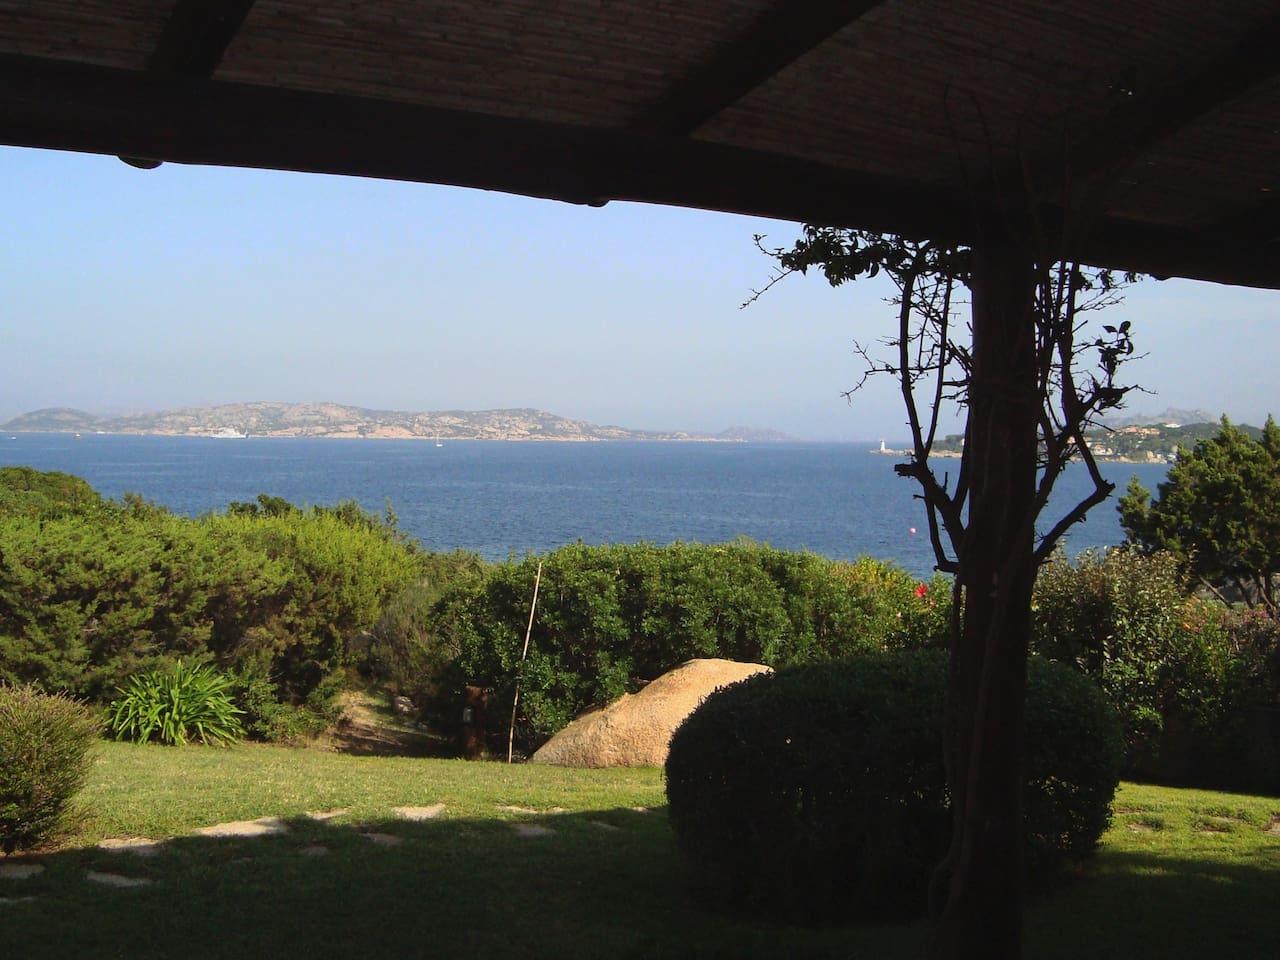 Vista dalla veranda e dal giardino